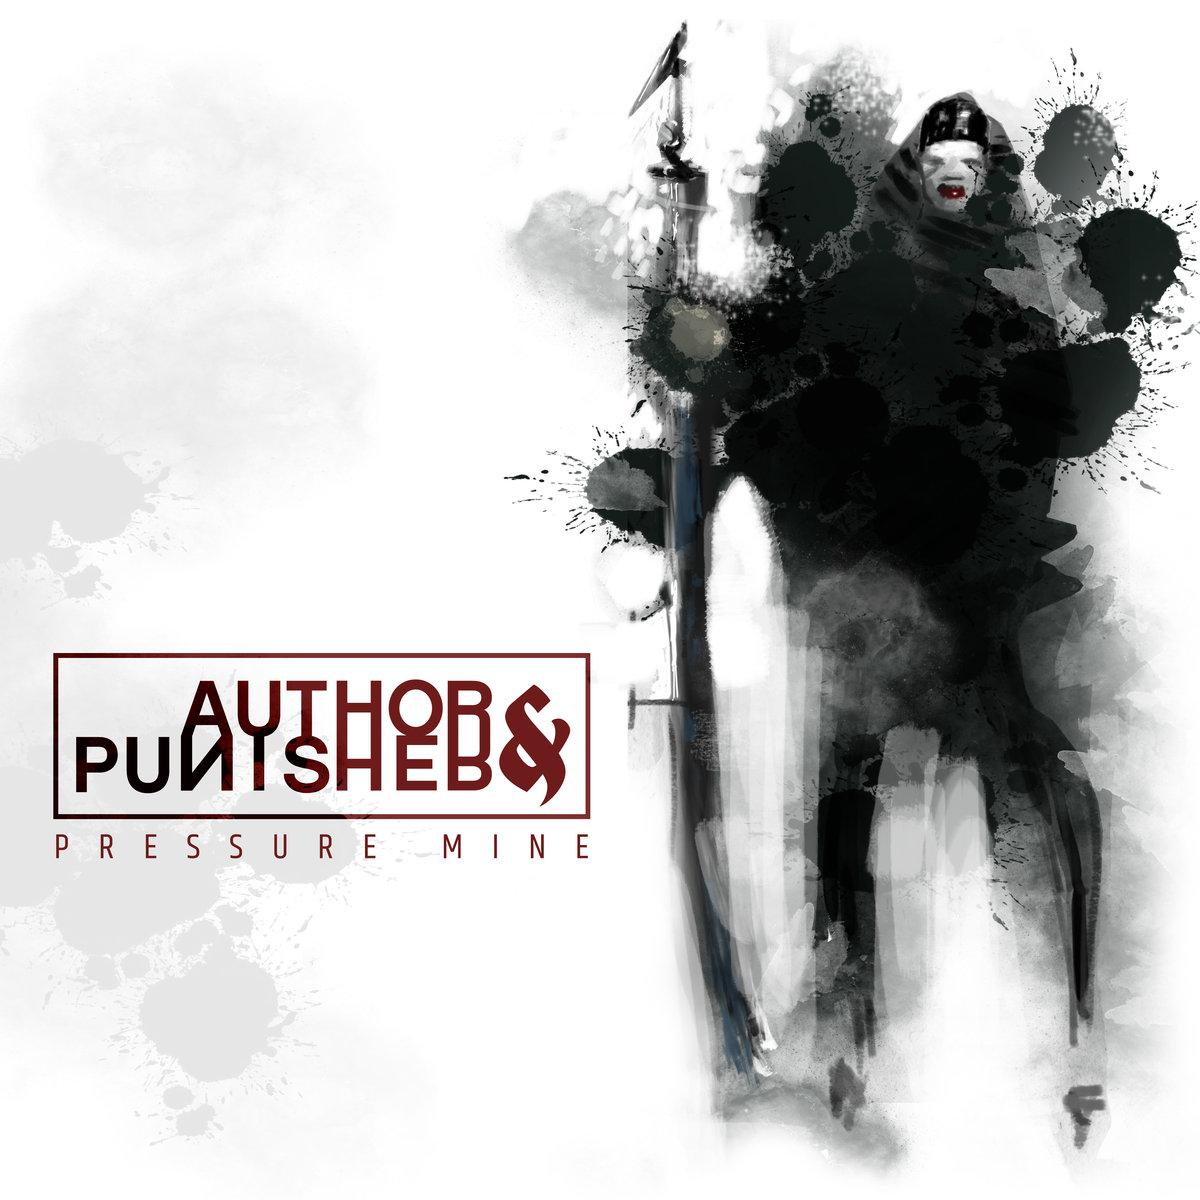 Author & Punisher announces new 'Pressure Mine' EP plus UK